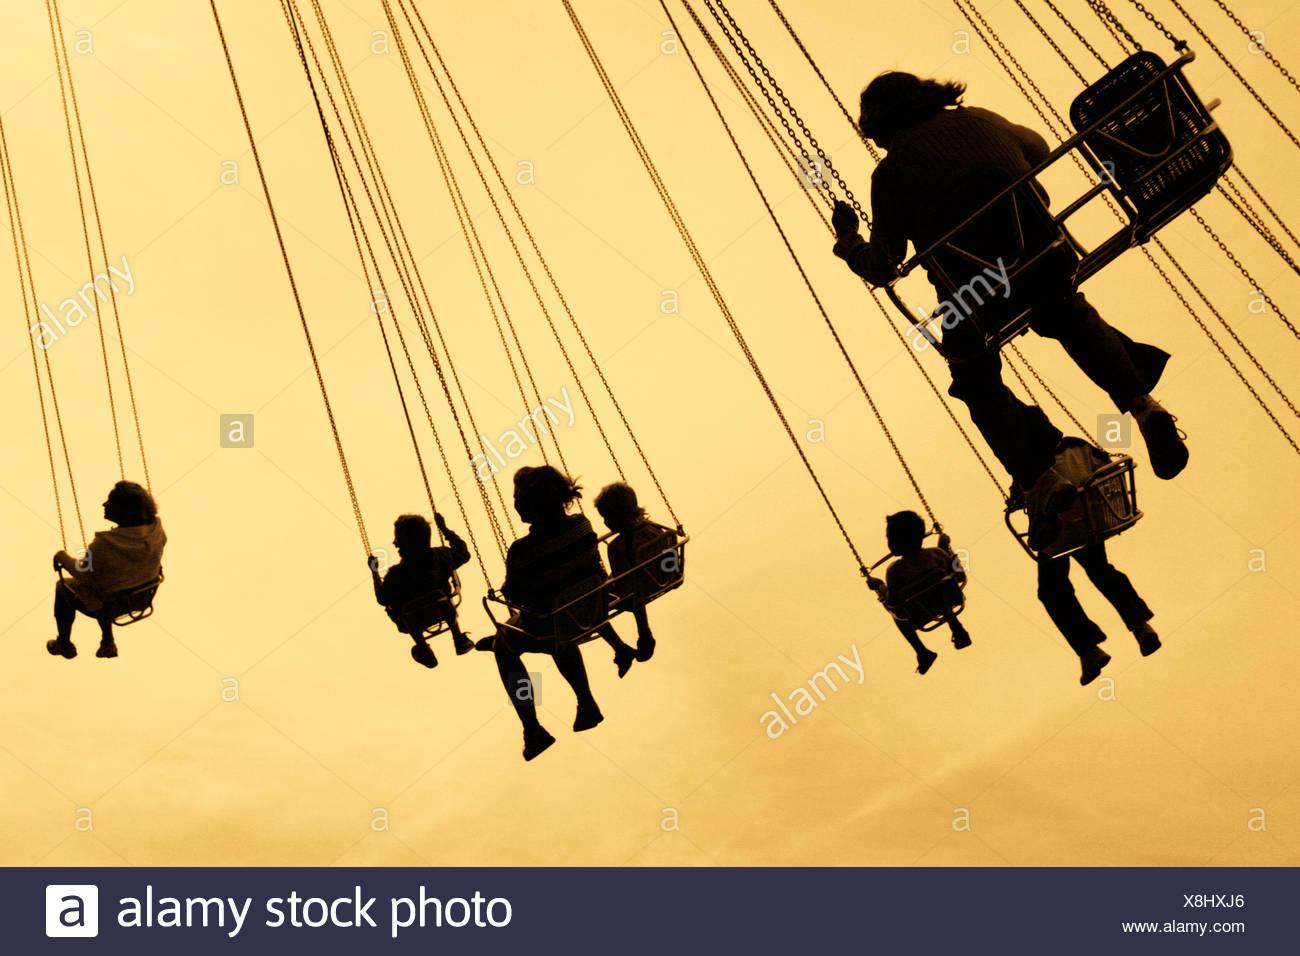 La Svezia, Vastra Gotaland, Göteborg, sagome di persone sulla giostra di Liseberg Amusement Park Immagini Stock